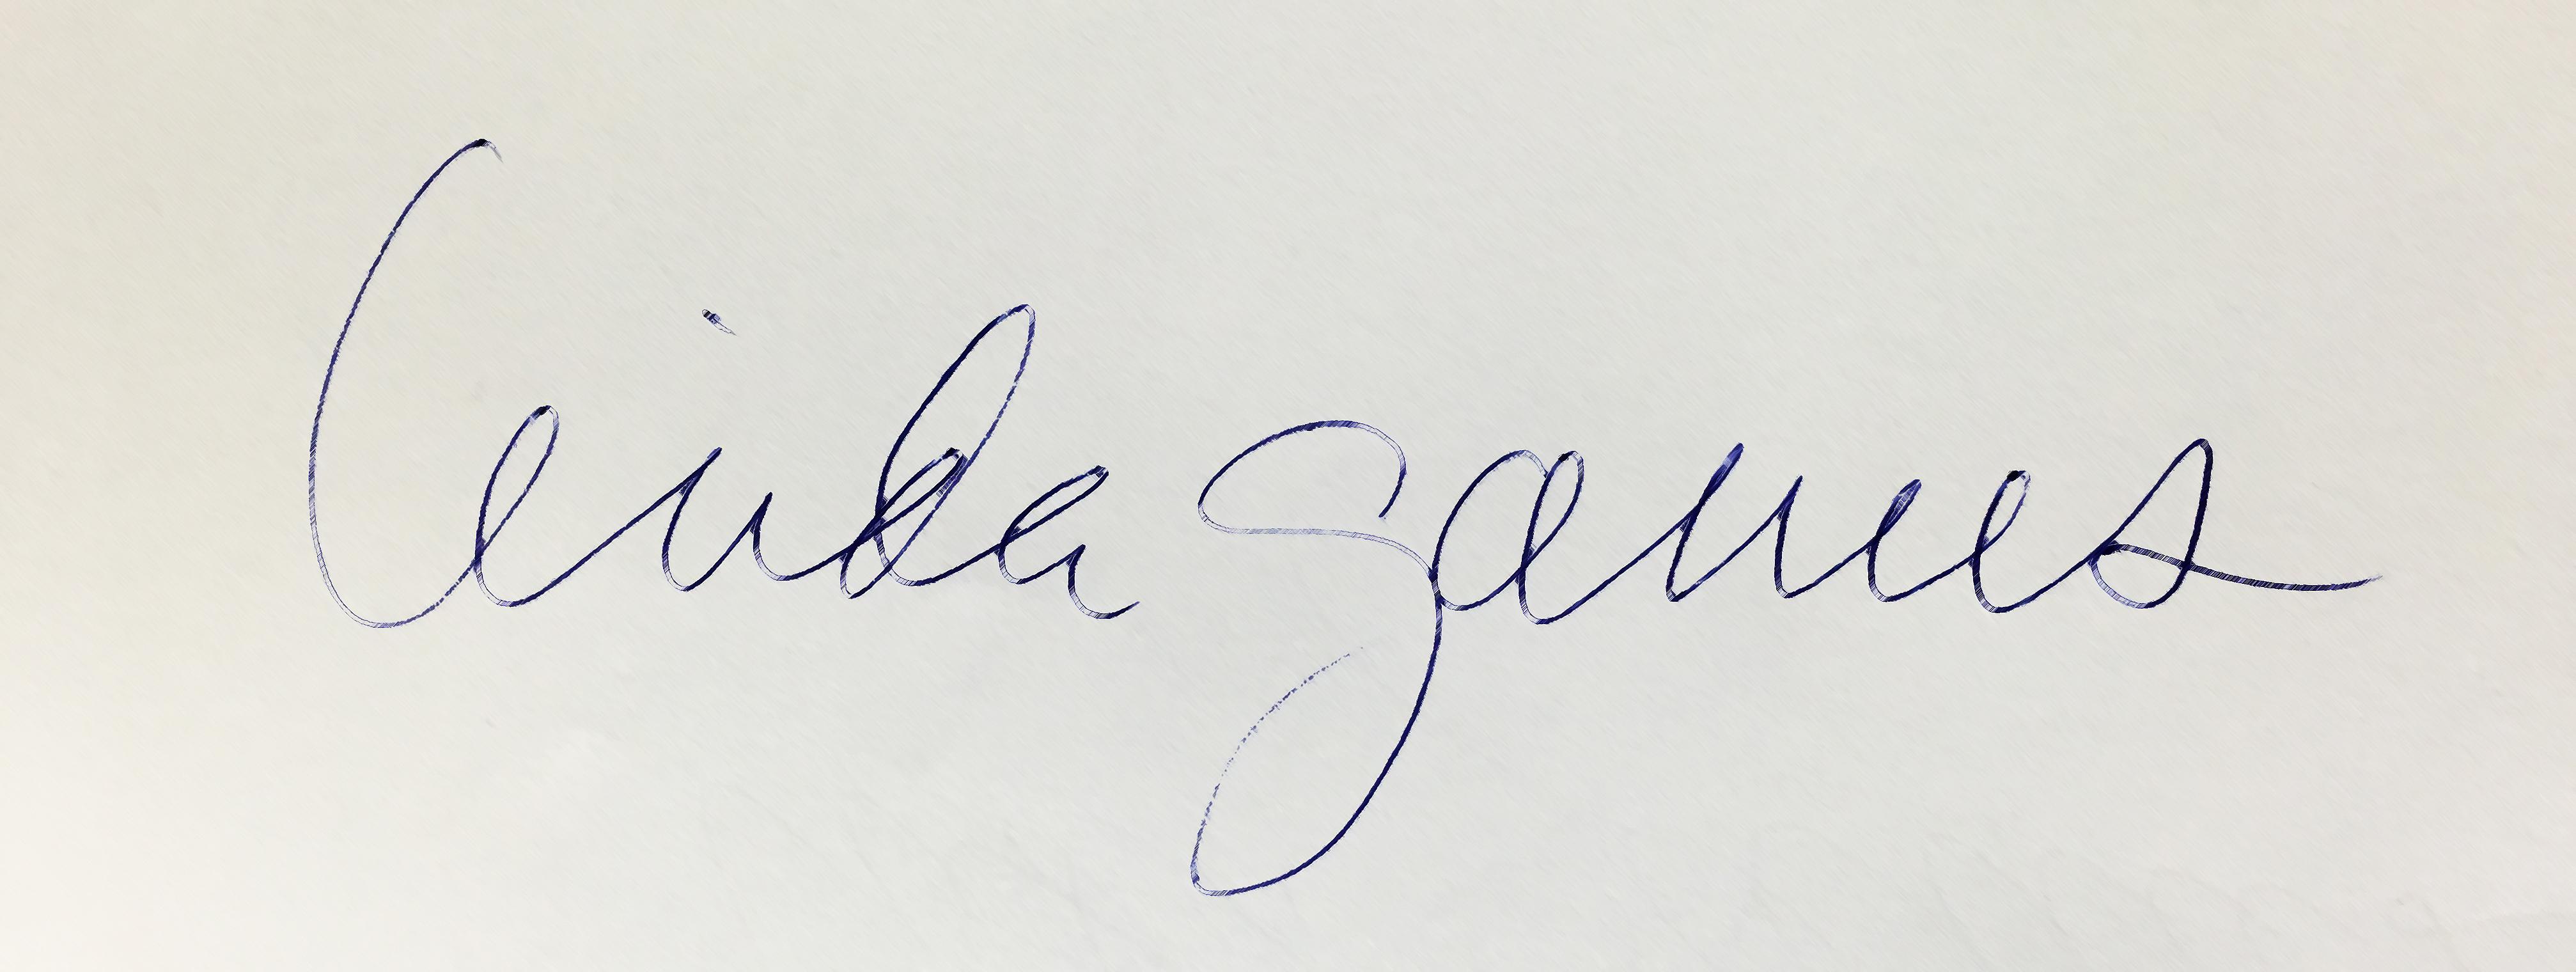 Linda Ganus Signature